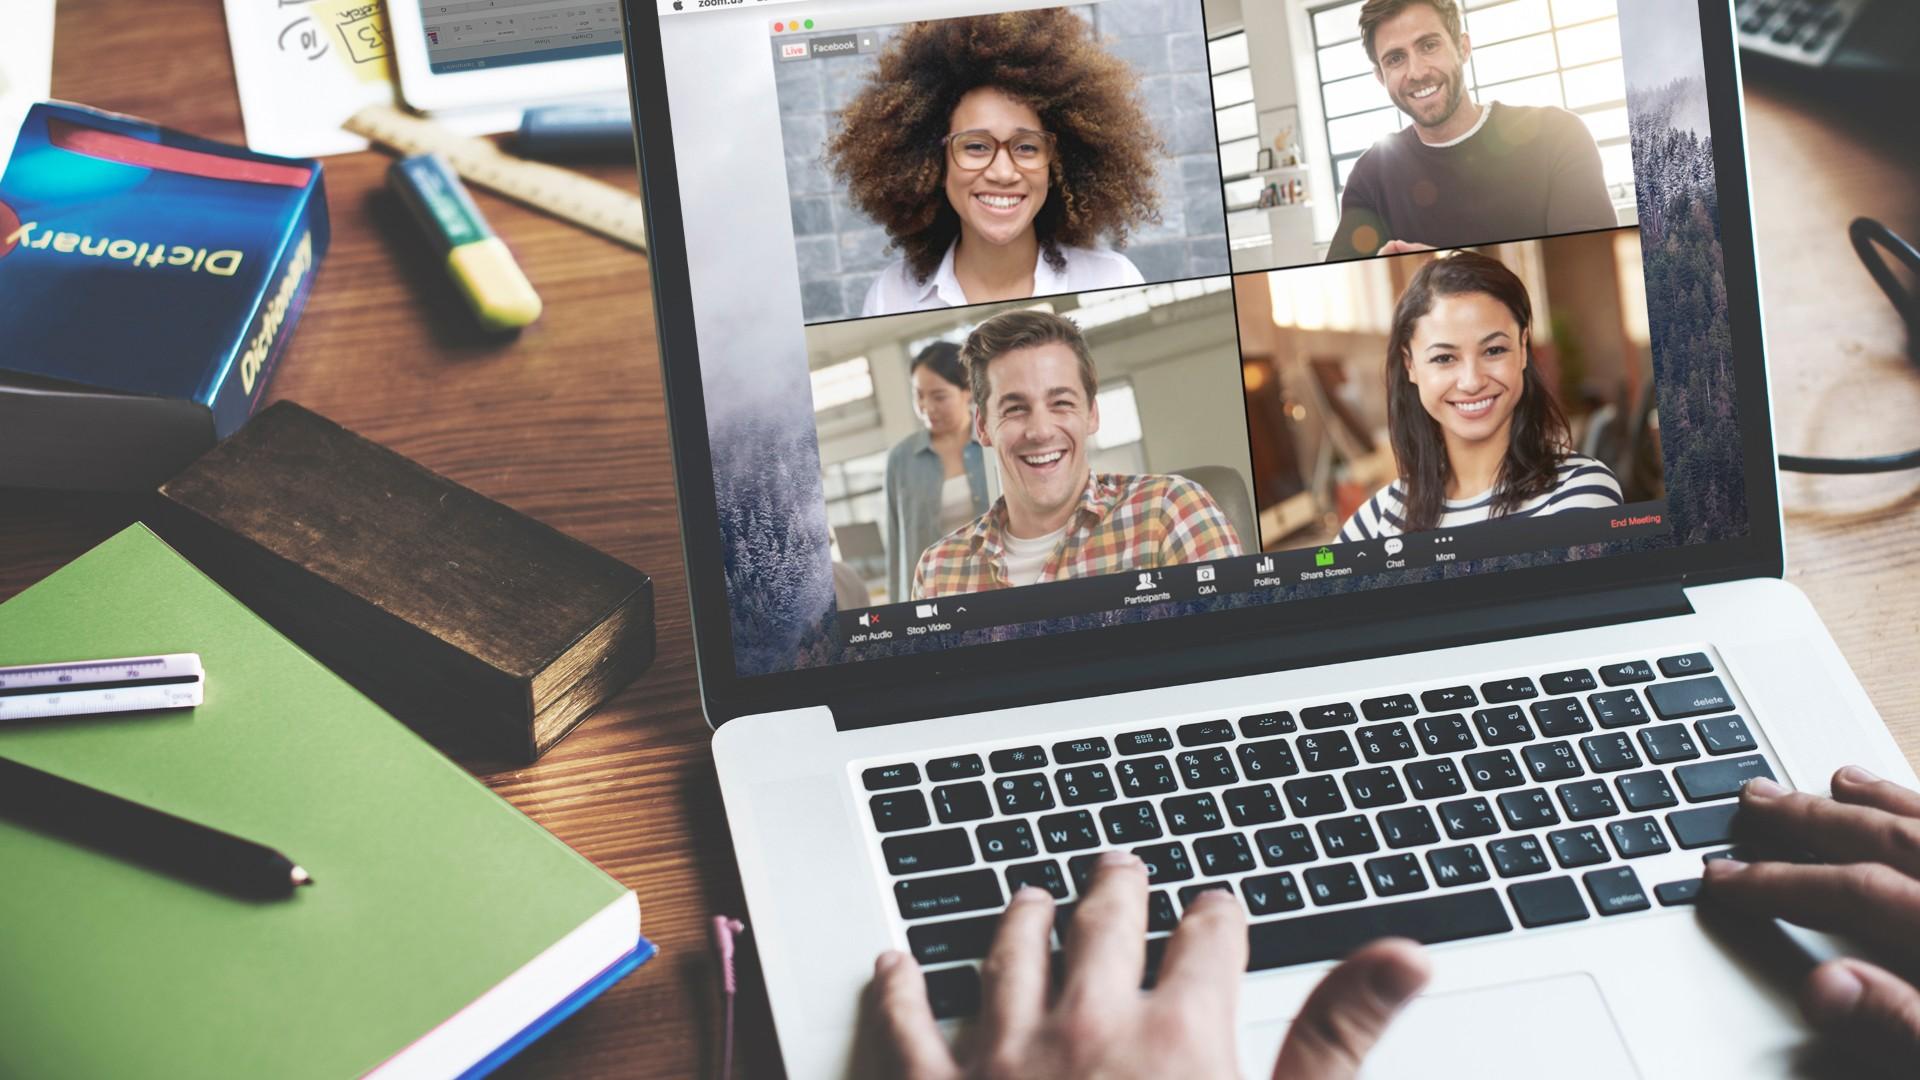 Mozilla explores video applications